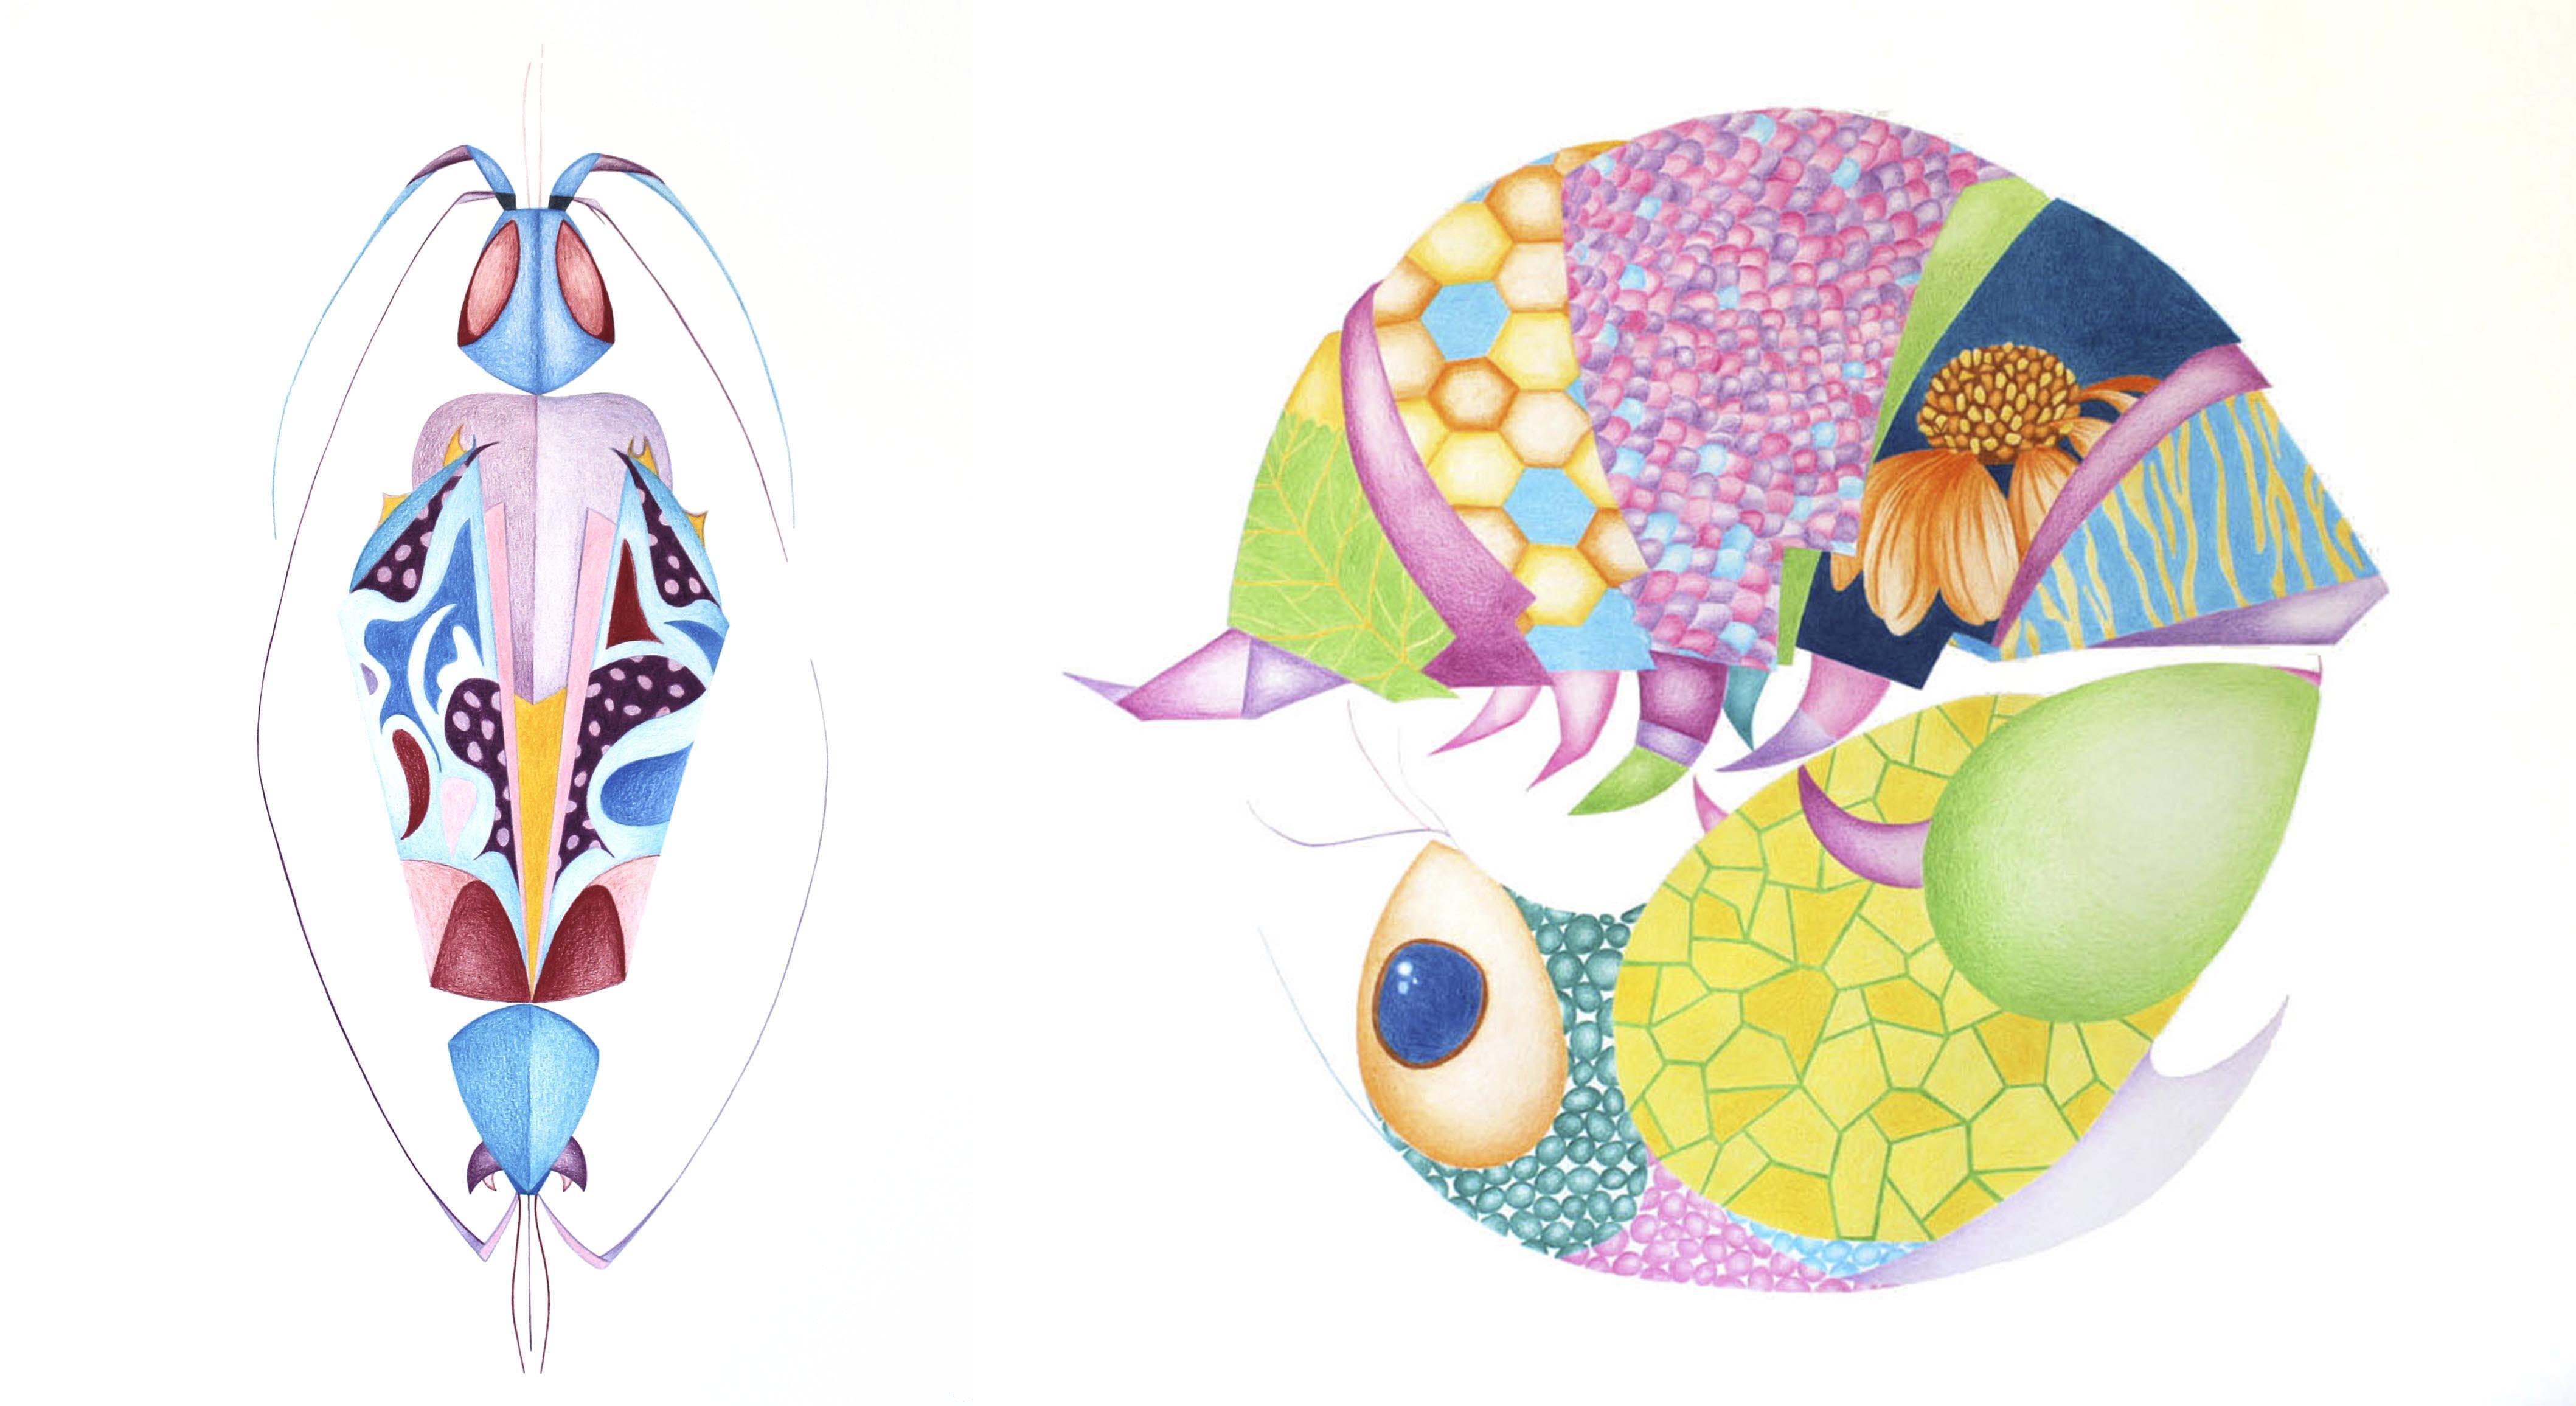 Metamorfosis, amor e insecticida. (Serie). Lápices de colores sobre papel. 2014.